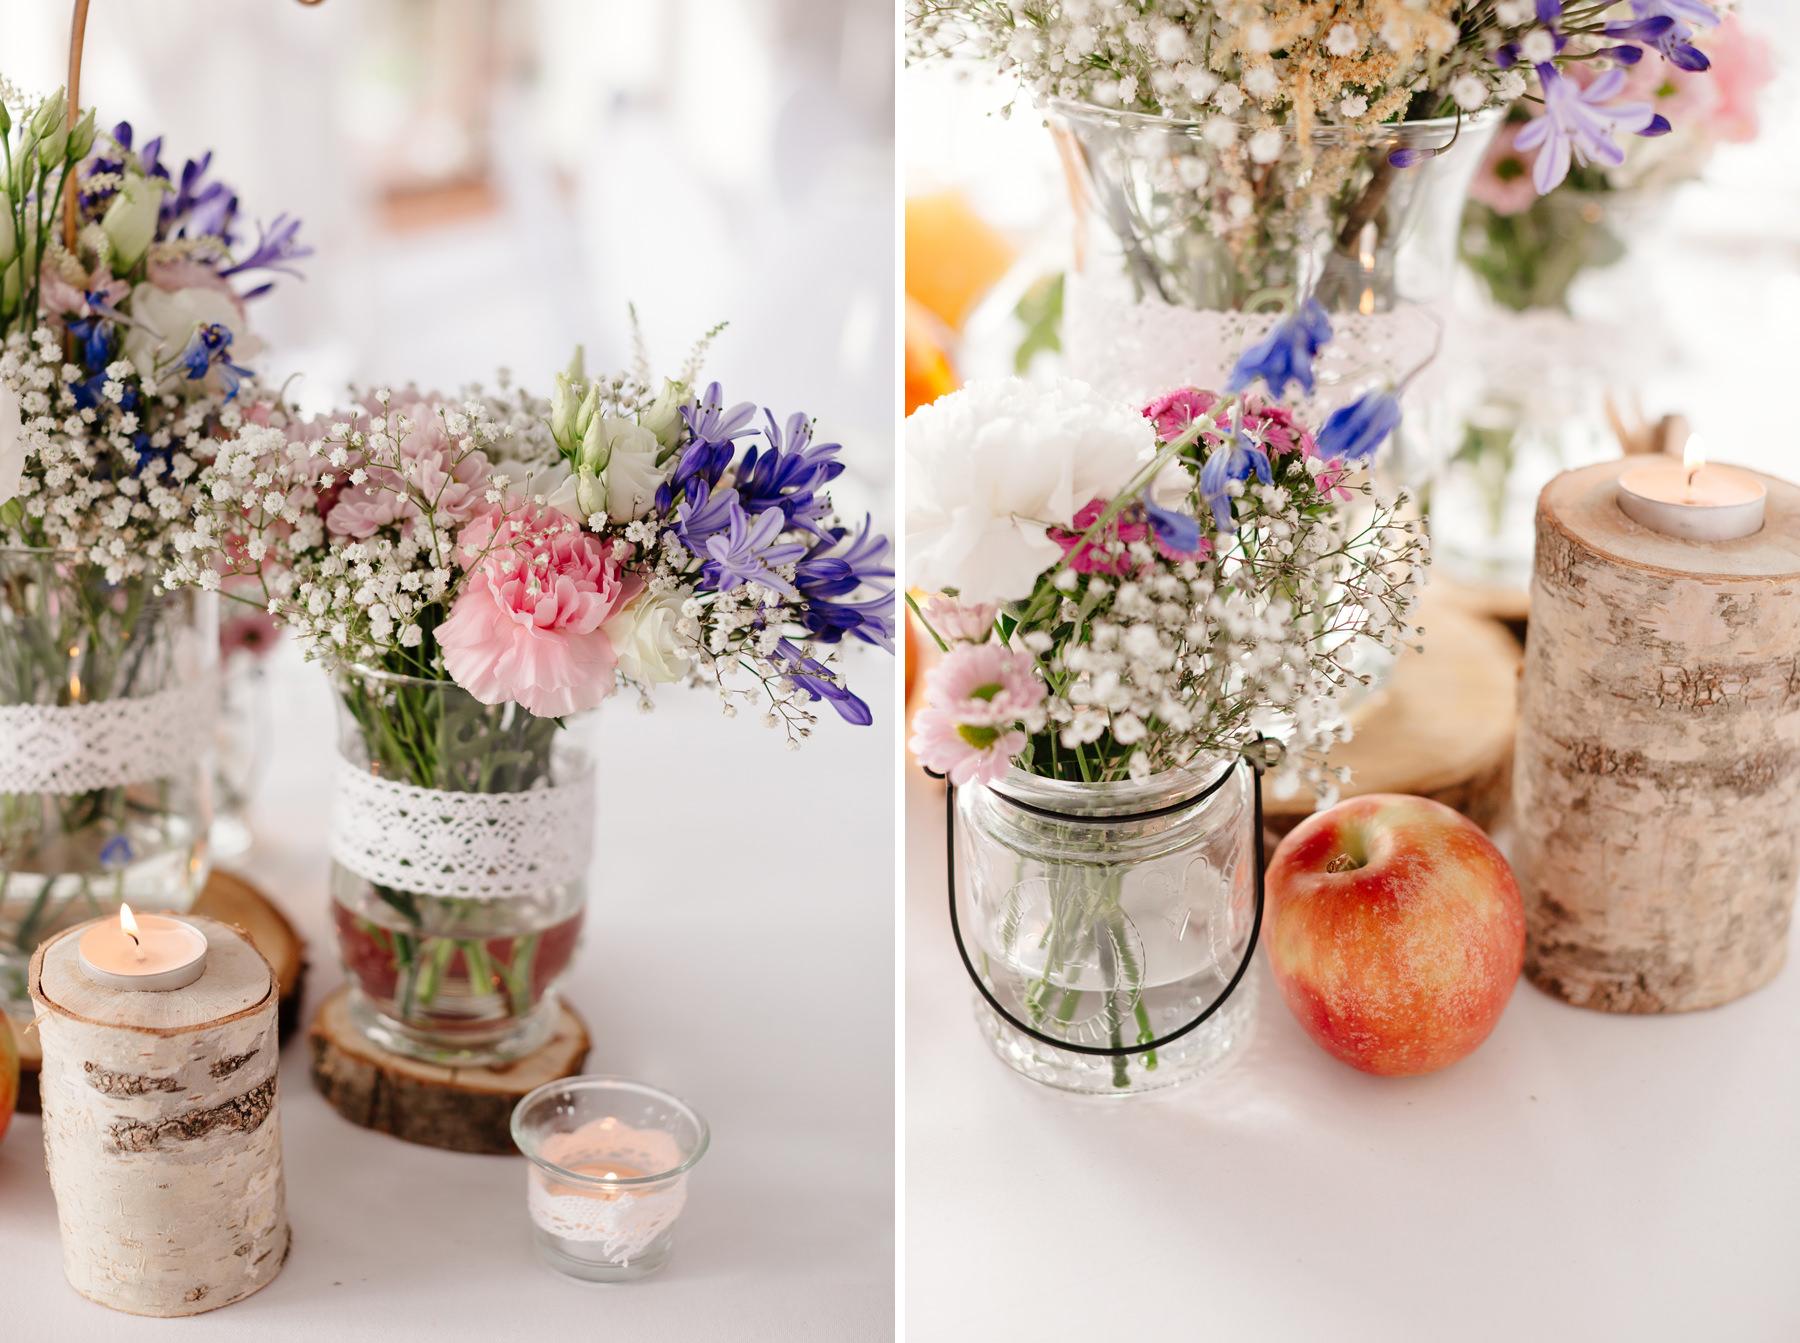 drewniane dekoracje na ślub, dekoracje ślubne szczecin motywy